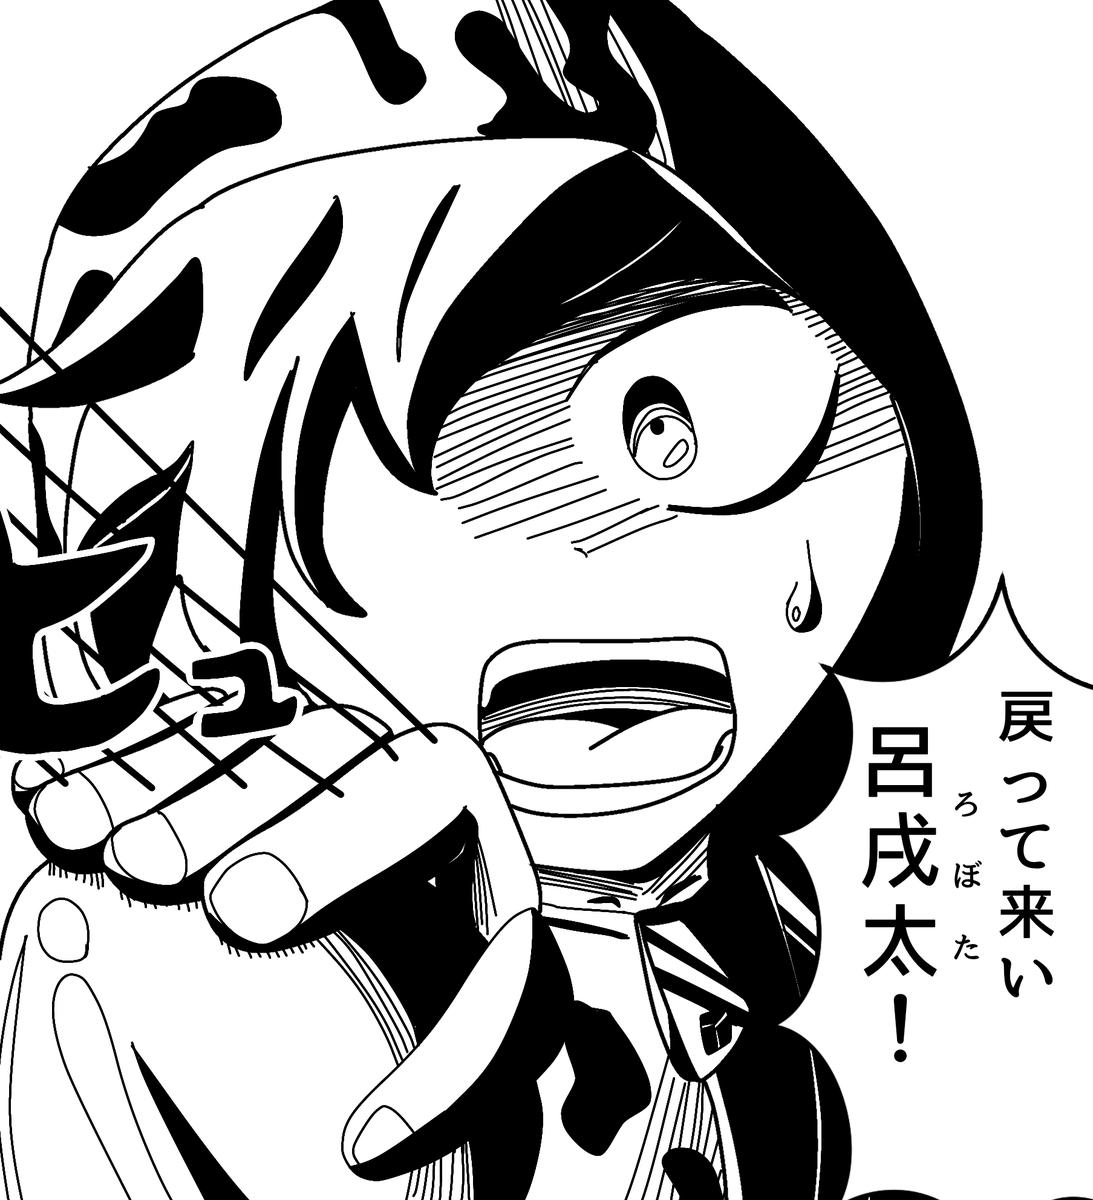 ロボロ 2 呪 鬼 先生を返して【呪鬼2】